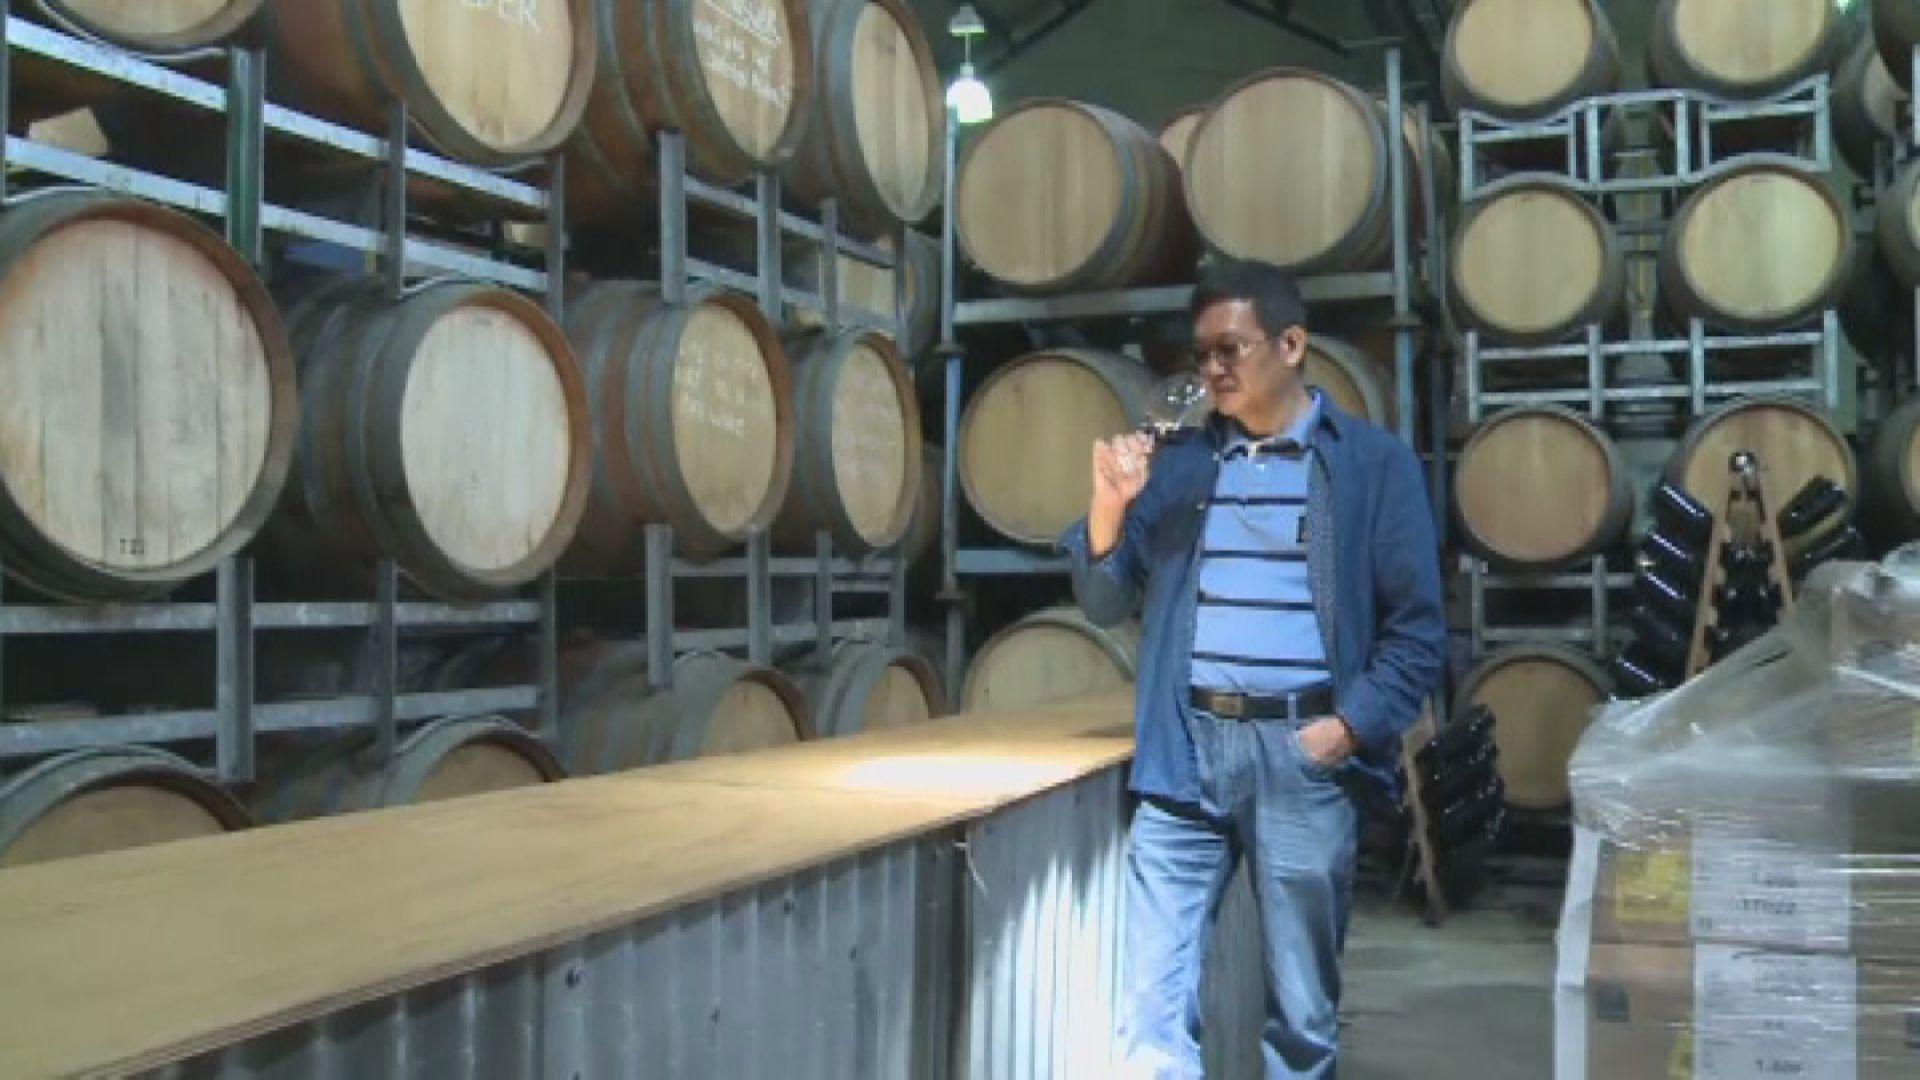 中國宣布對澳洲葡萄酒徵收反補貼稅保證金